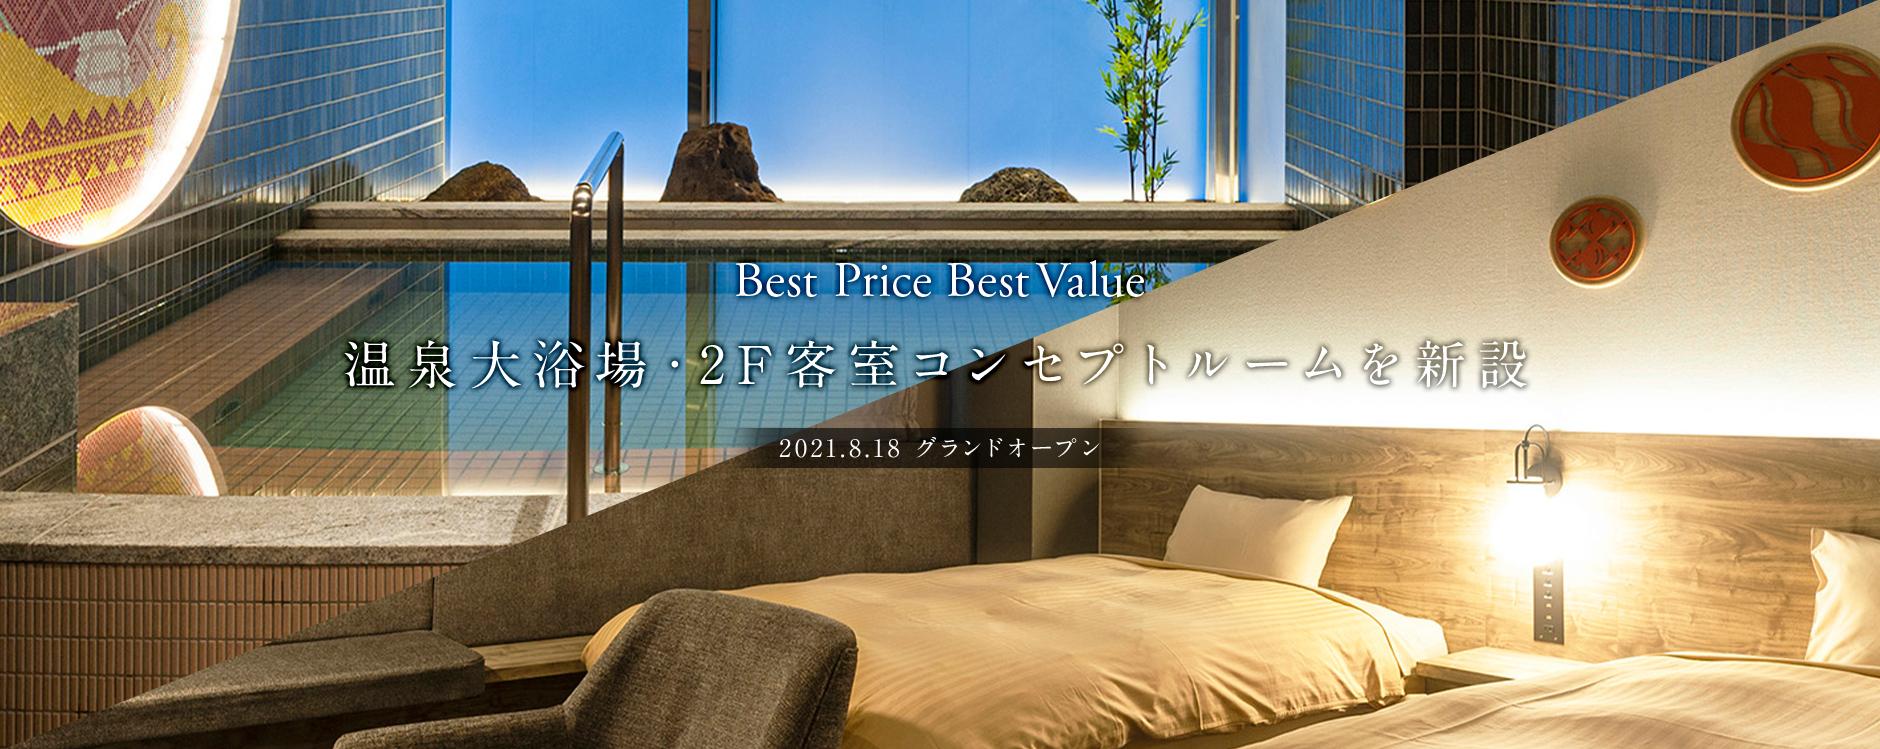 ホテル グローバルビュー八戸アネックス